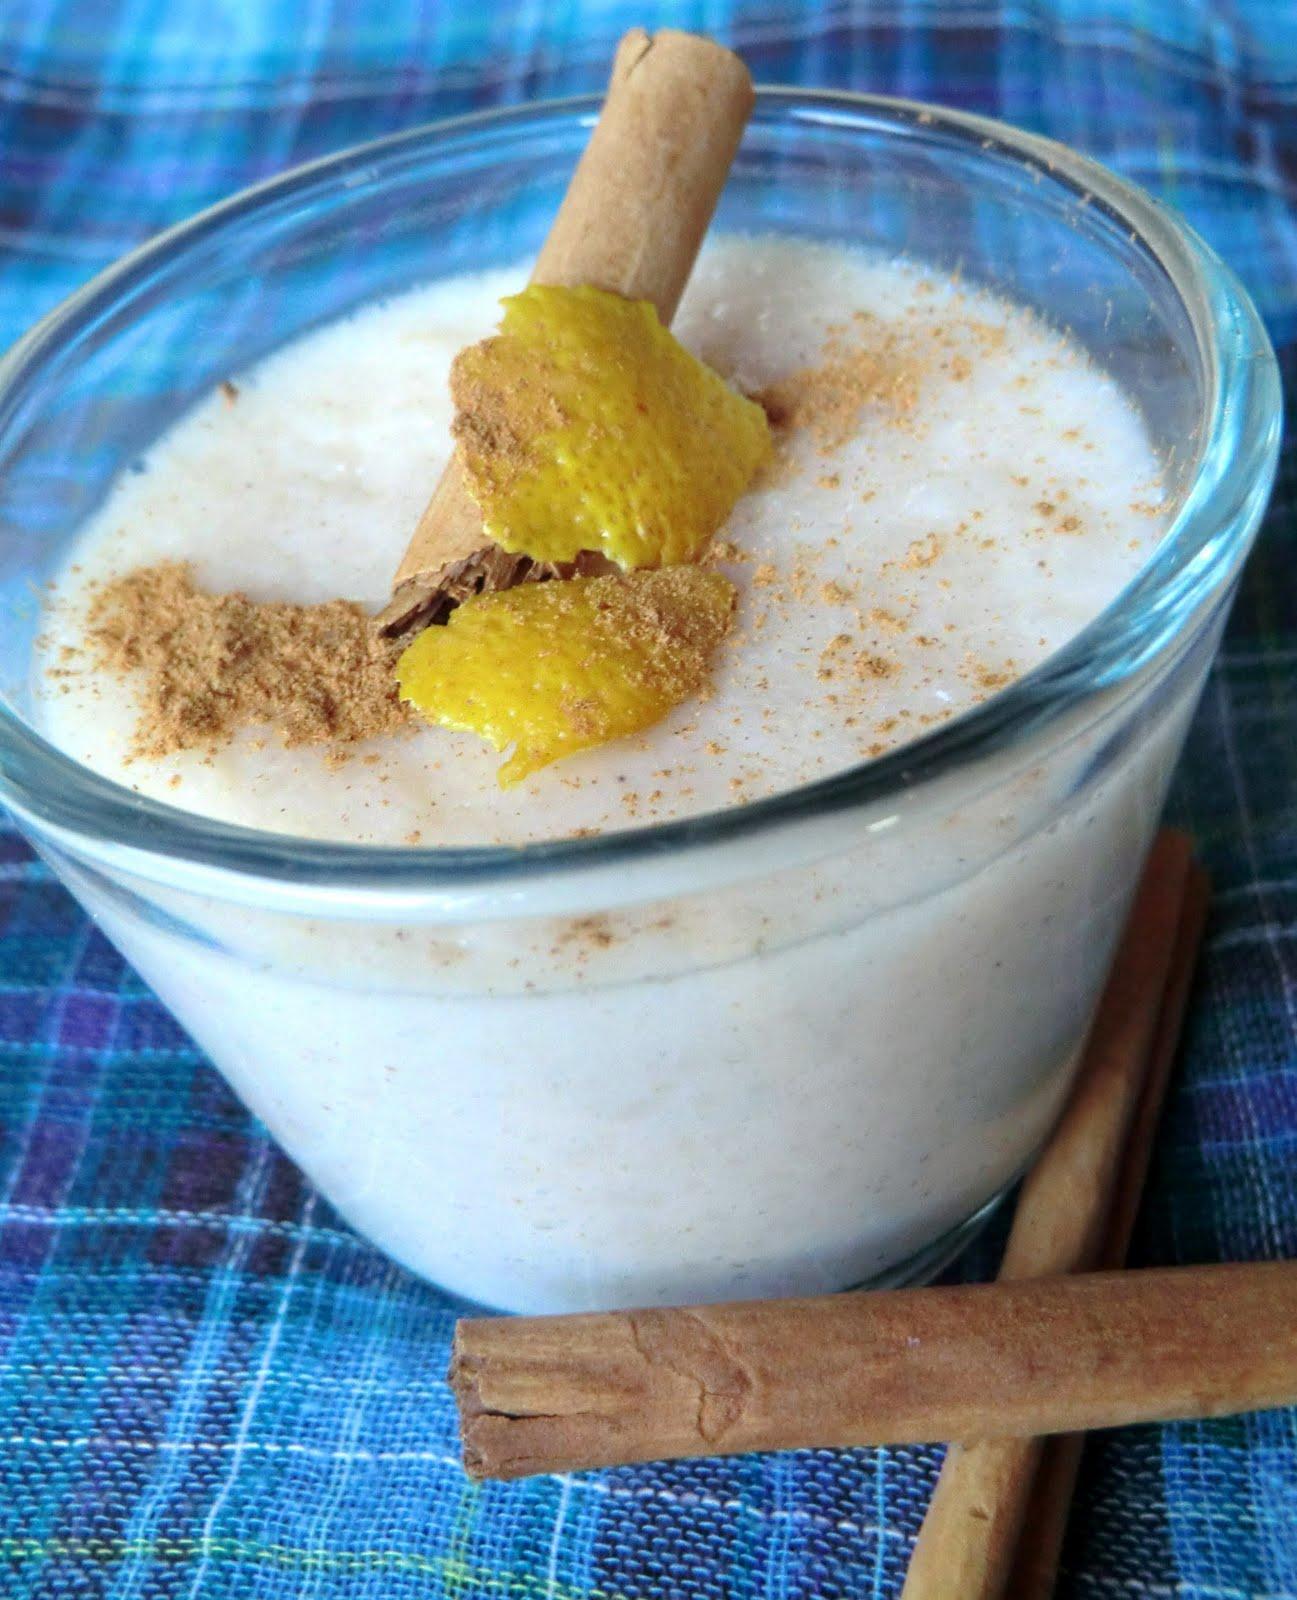 Siba-Rita: Flan de arroz con leche/ Rice pudding flan